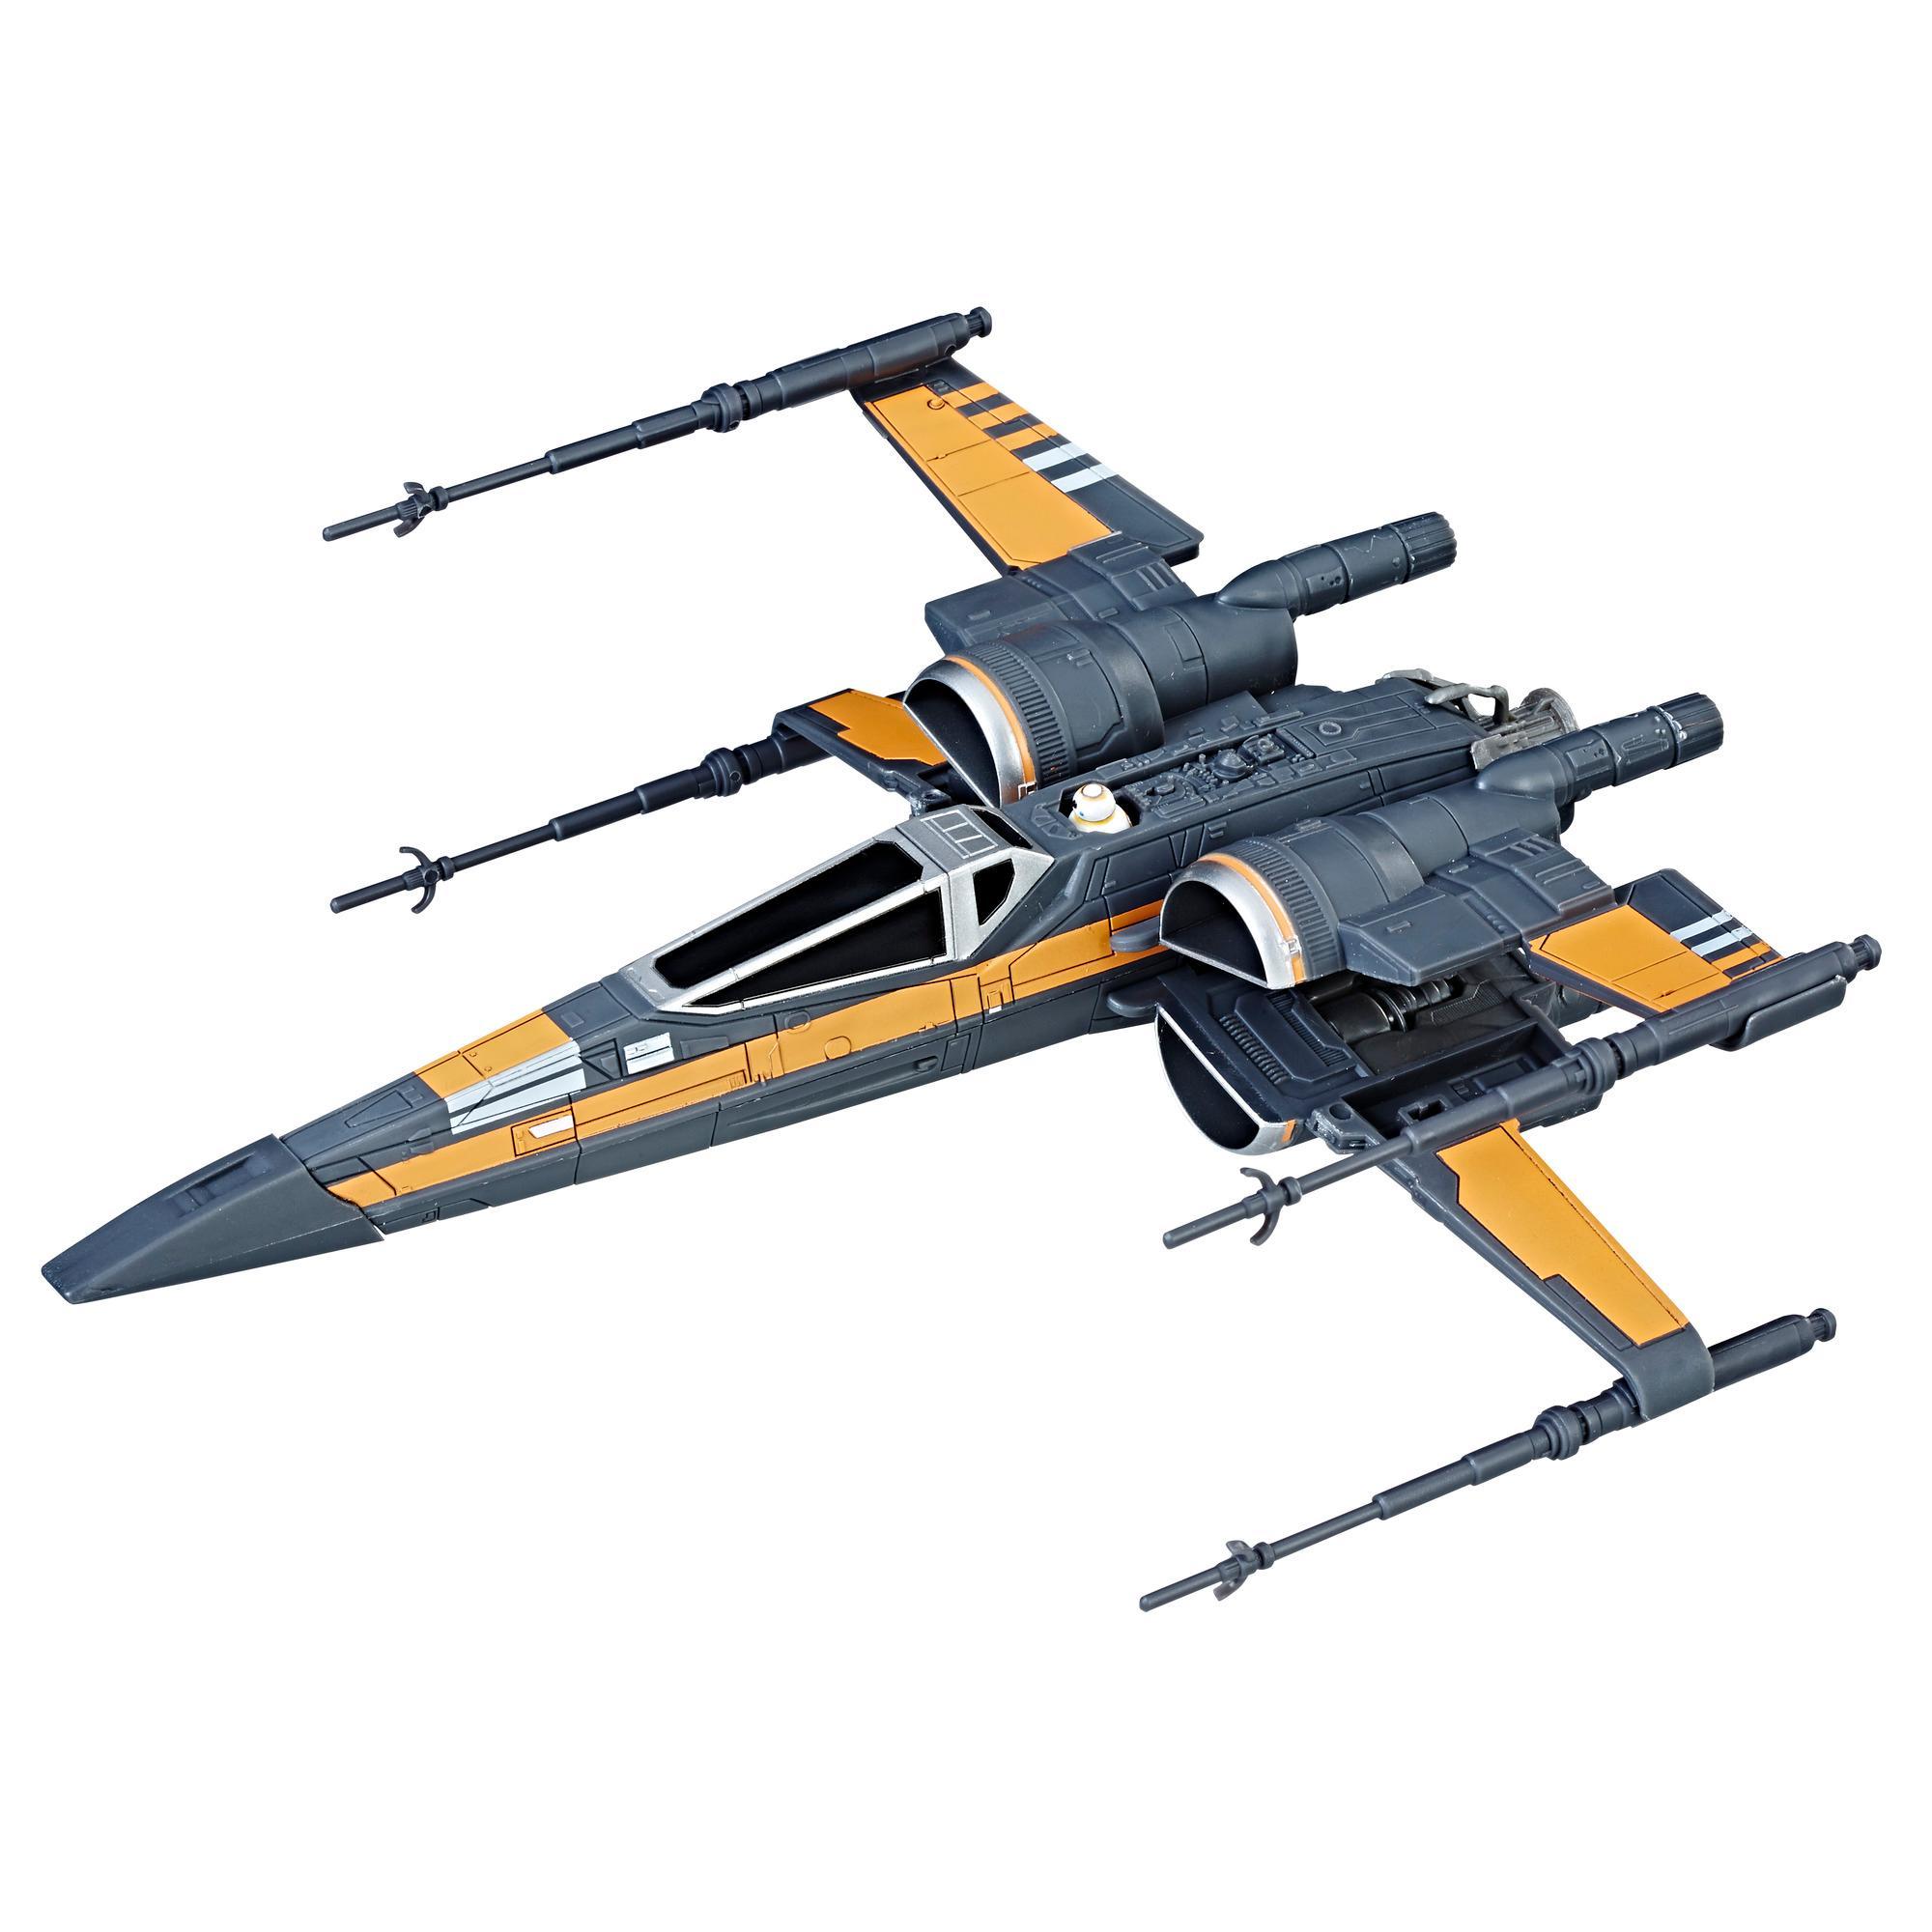 Star Wars: Os Últimos Jedi - Caça X-Wing Encrementado de Poe Dameron